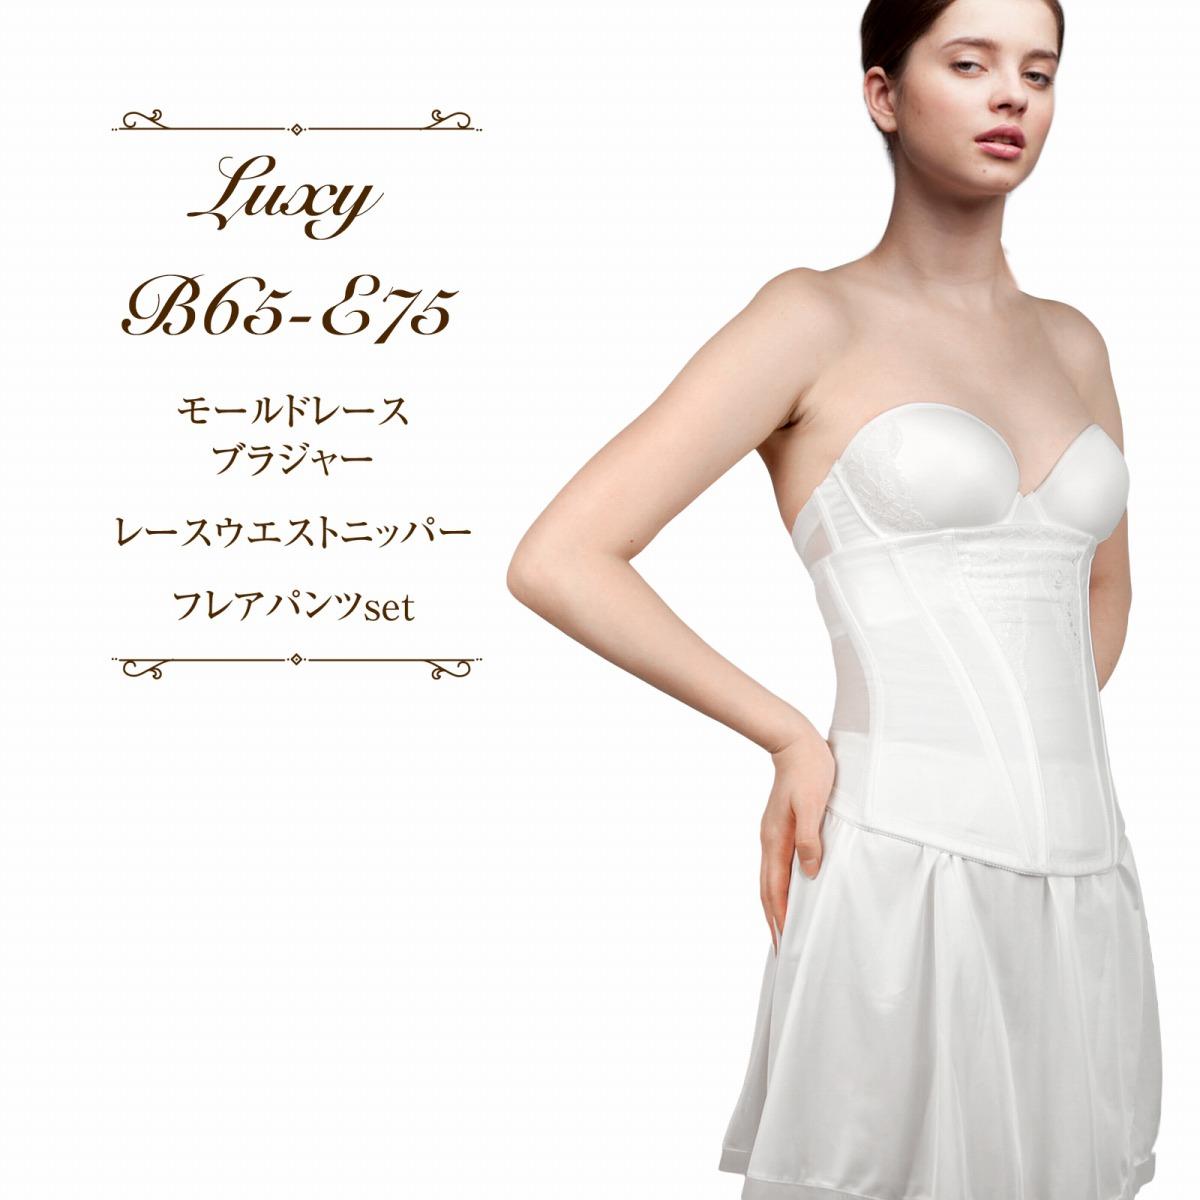 期間限定50%OFF~1月11日まで●日本製 ブライダルインナー 3点セット<モールドレースブラジャー・ウエストニッパー・フレアパンツ>ブライダル インナー ウエディング ブライダル下着 ウェディング Bridal wedding inner